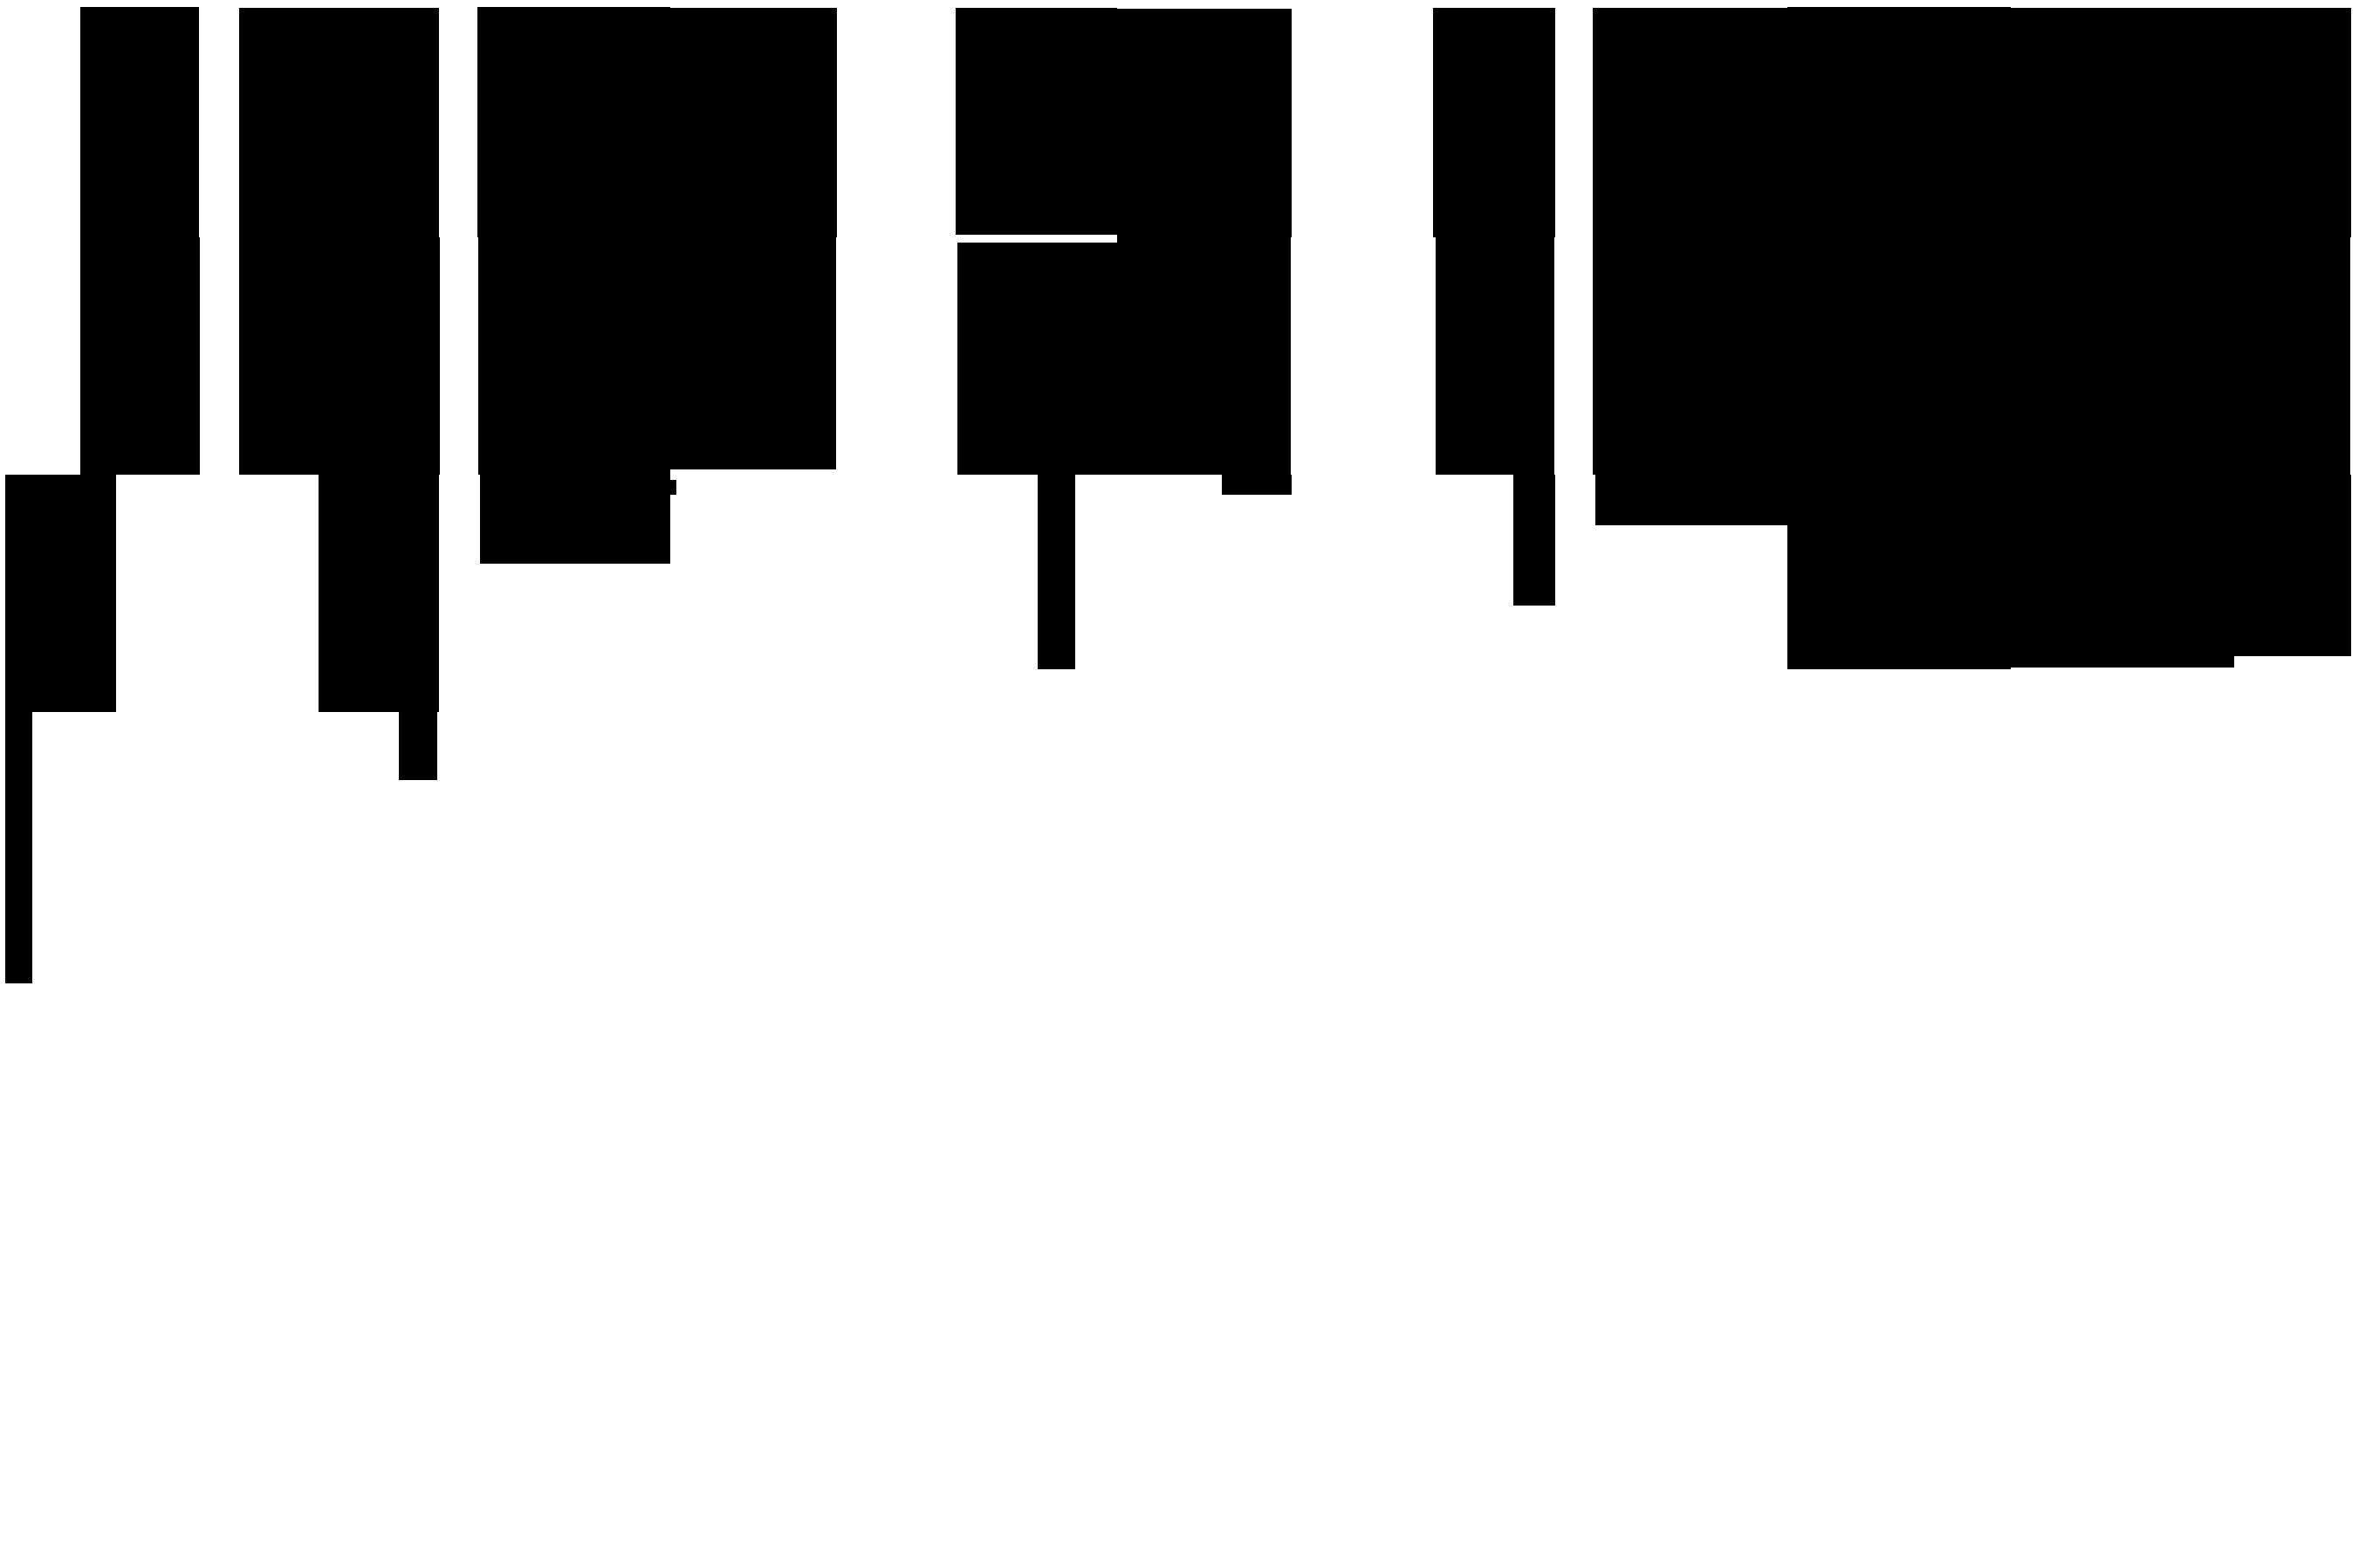 石田詩20140516-2